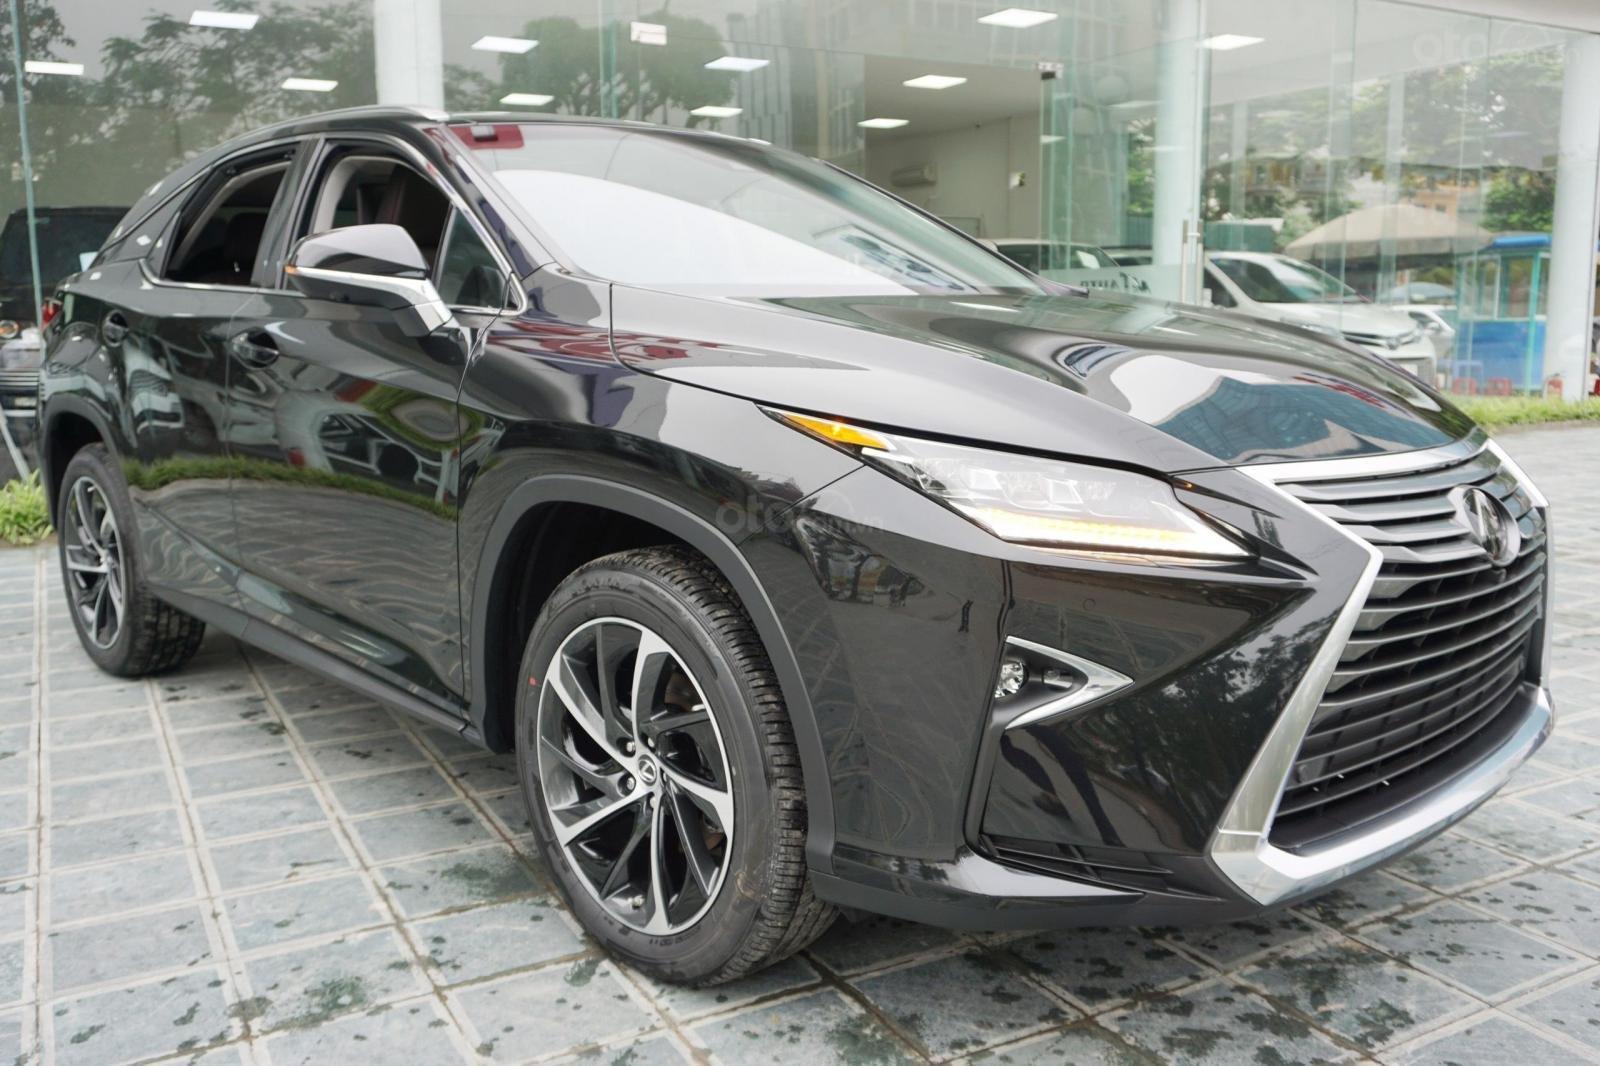 Bán ô tô Lexus RX 350 SX 2019, xe nhập Mỹ full kịch options, giá tốt, giao ngay toàn quốc, LH 093.996.2368 Ms Ngọc Vy (2)